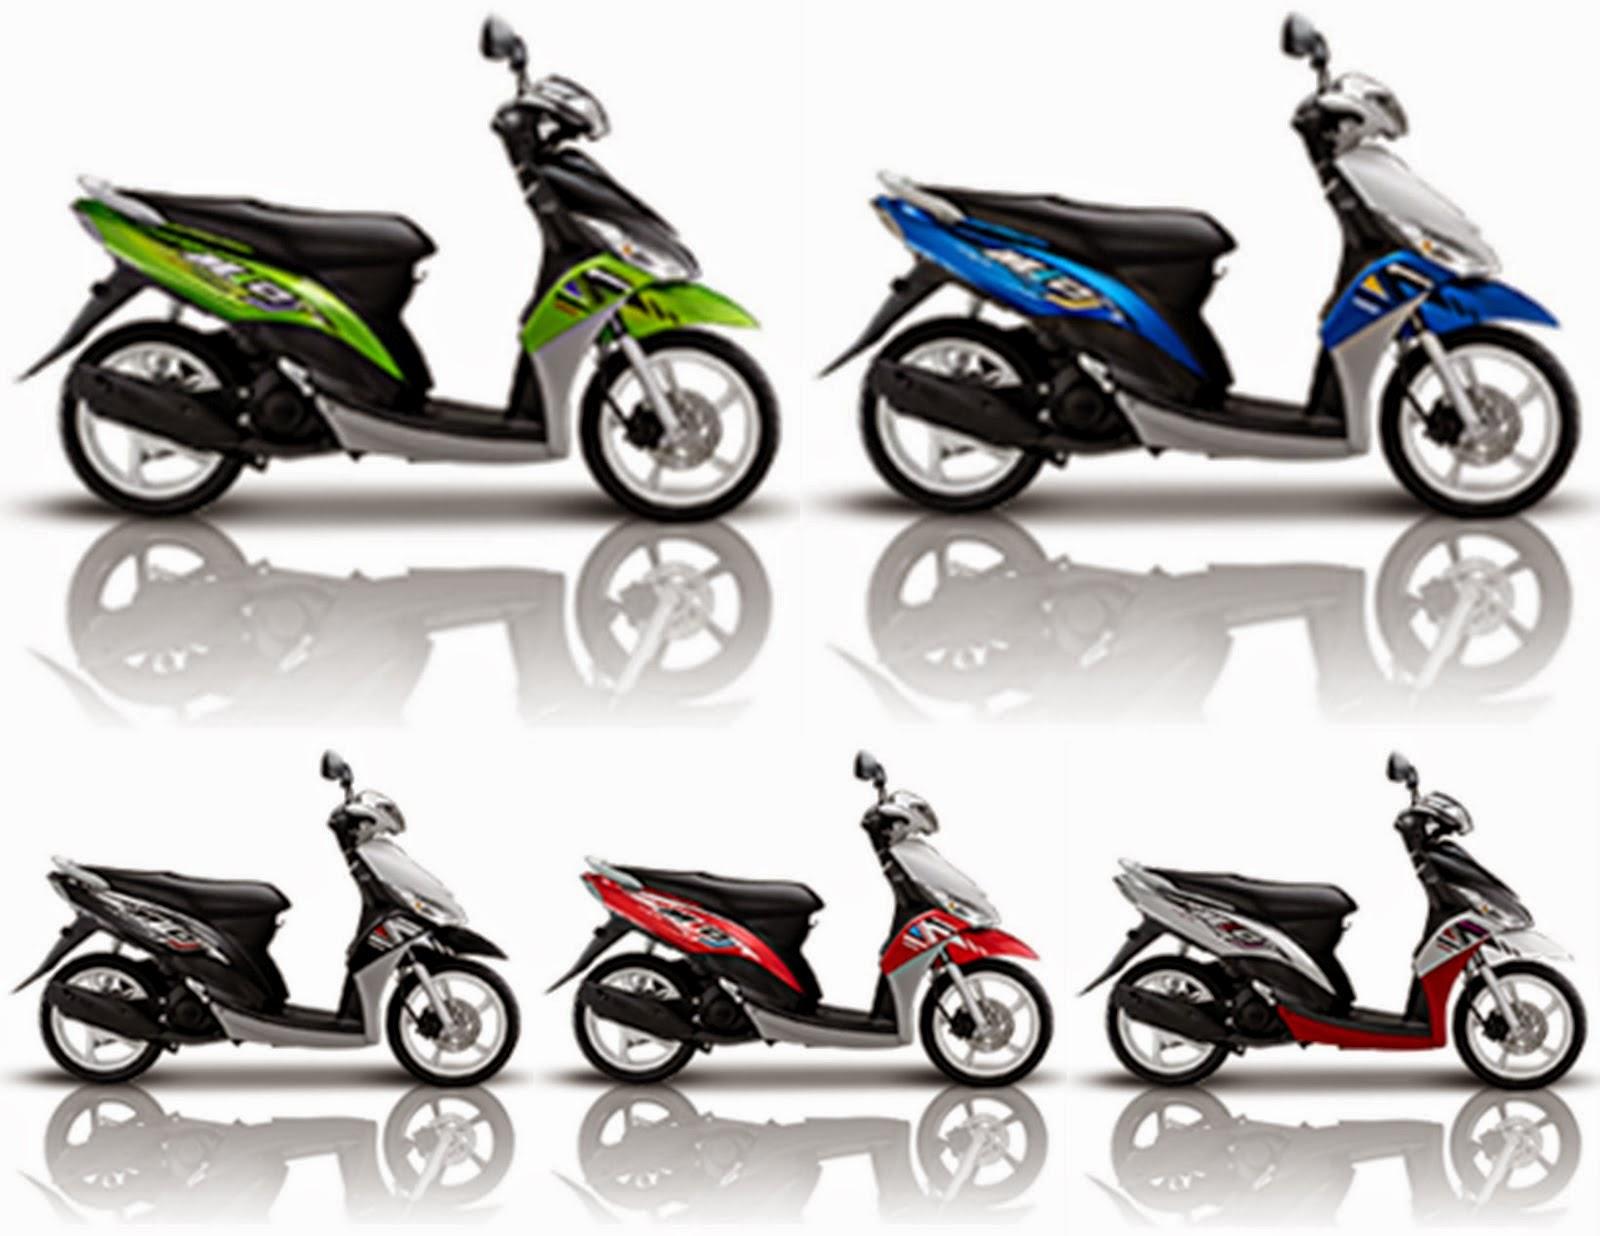 Tarif Sewa Sepeda Motor Semarang, Rental Motor, Rental Motor Semarang, Sewa Motor, Sewa Motor Semarang, Rental Motor Murah Semarang, Sewa Motor Murah Semarang,